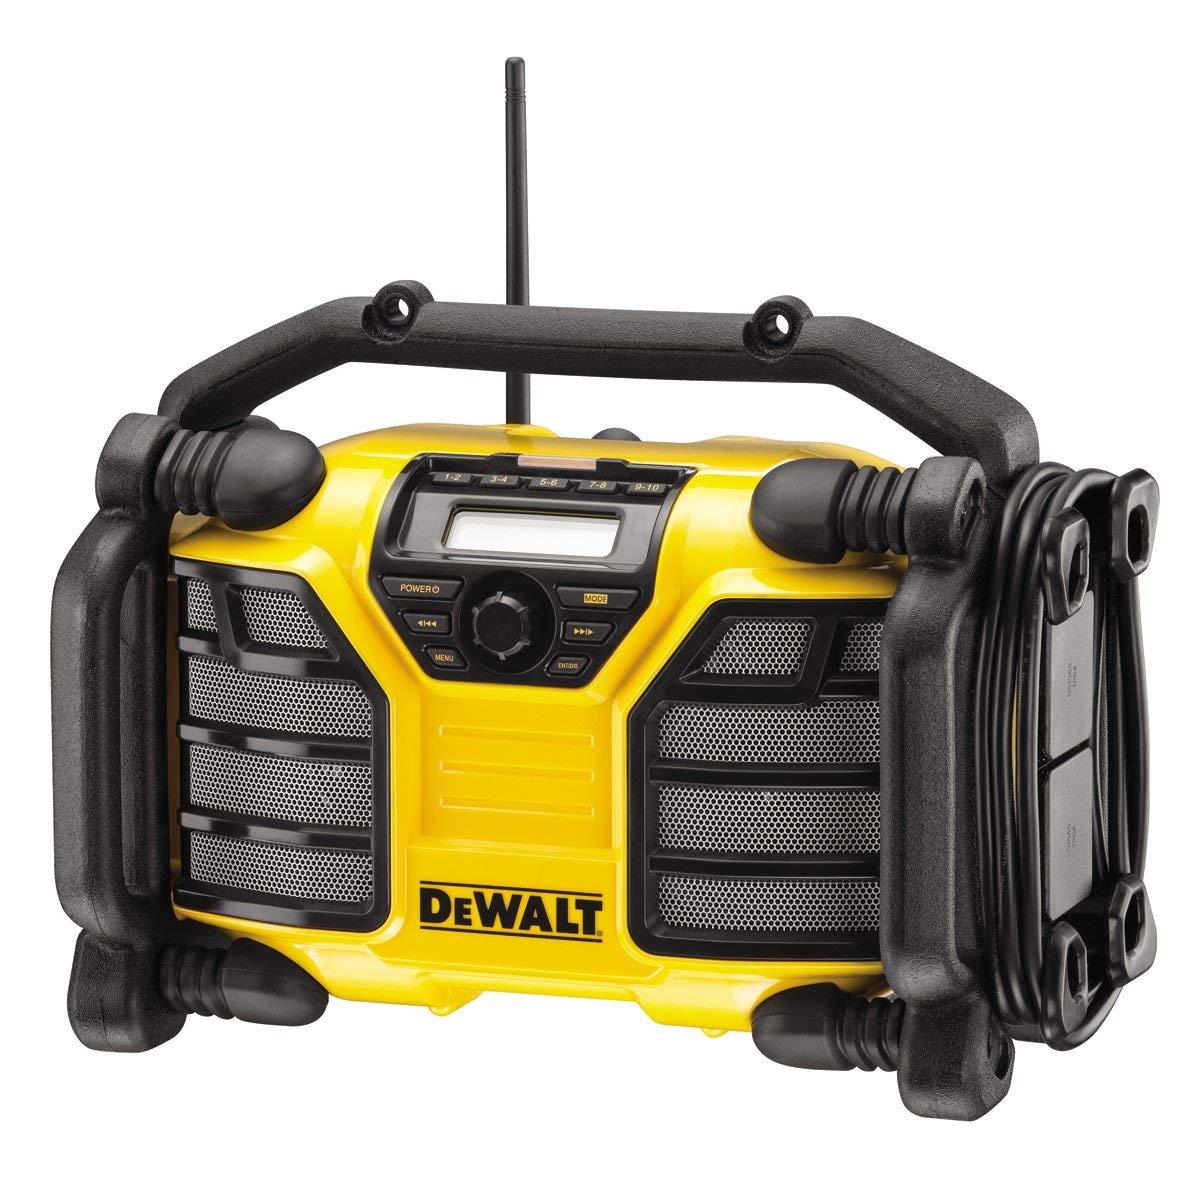 Dewalt DCR017 Akku Baustellenradio (DAB+, 18V)